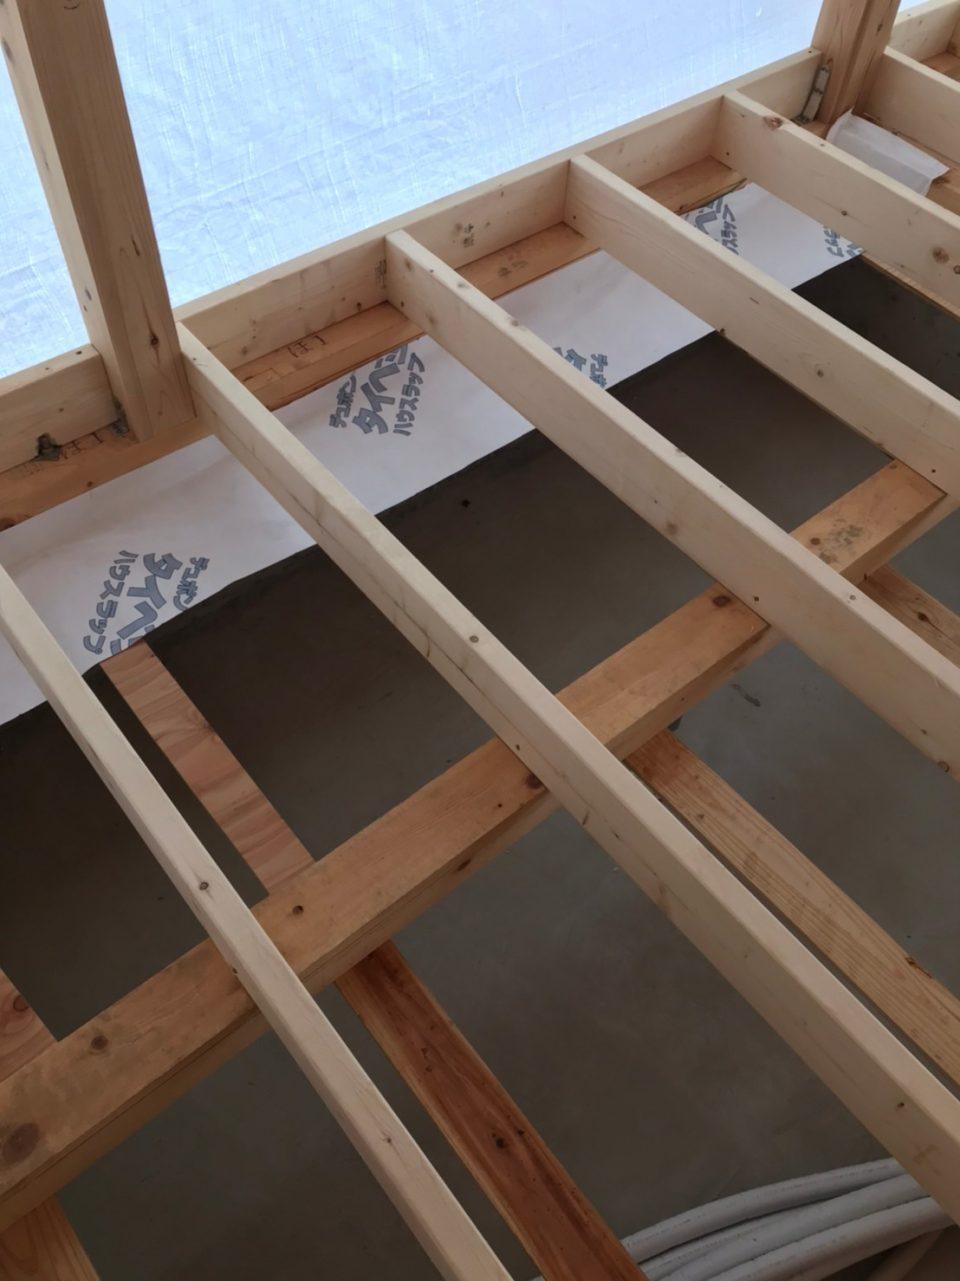 タイベックシート(通常は壁に用いるもの)を端っこ下に取り付けて置く手法をここ最近から採用しています